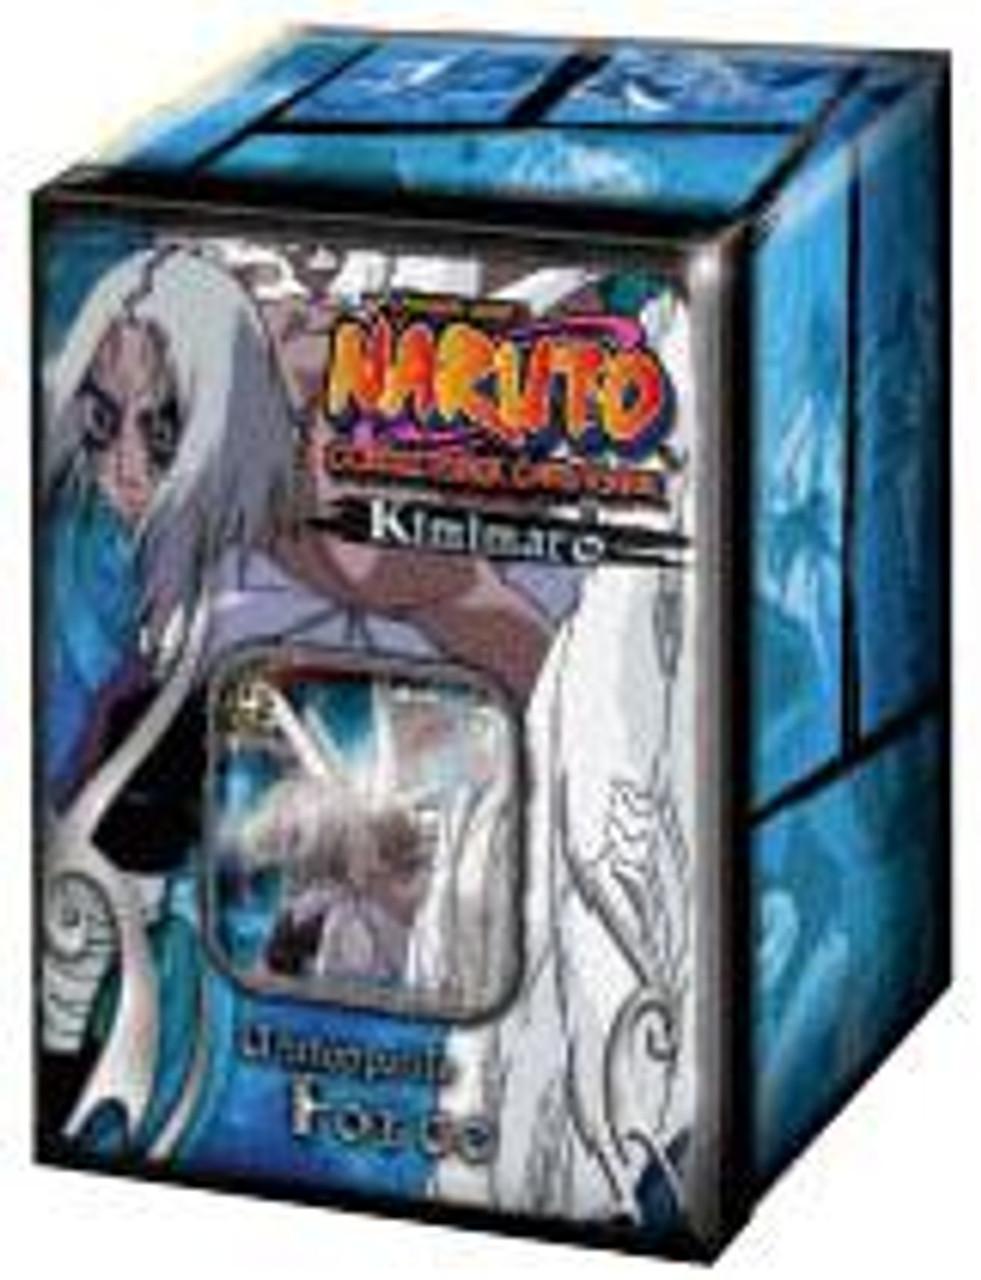 Naruto Card Game Unstoppable Force Kimimaro Collector Tin